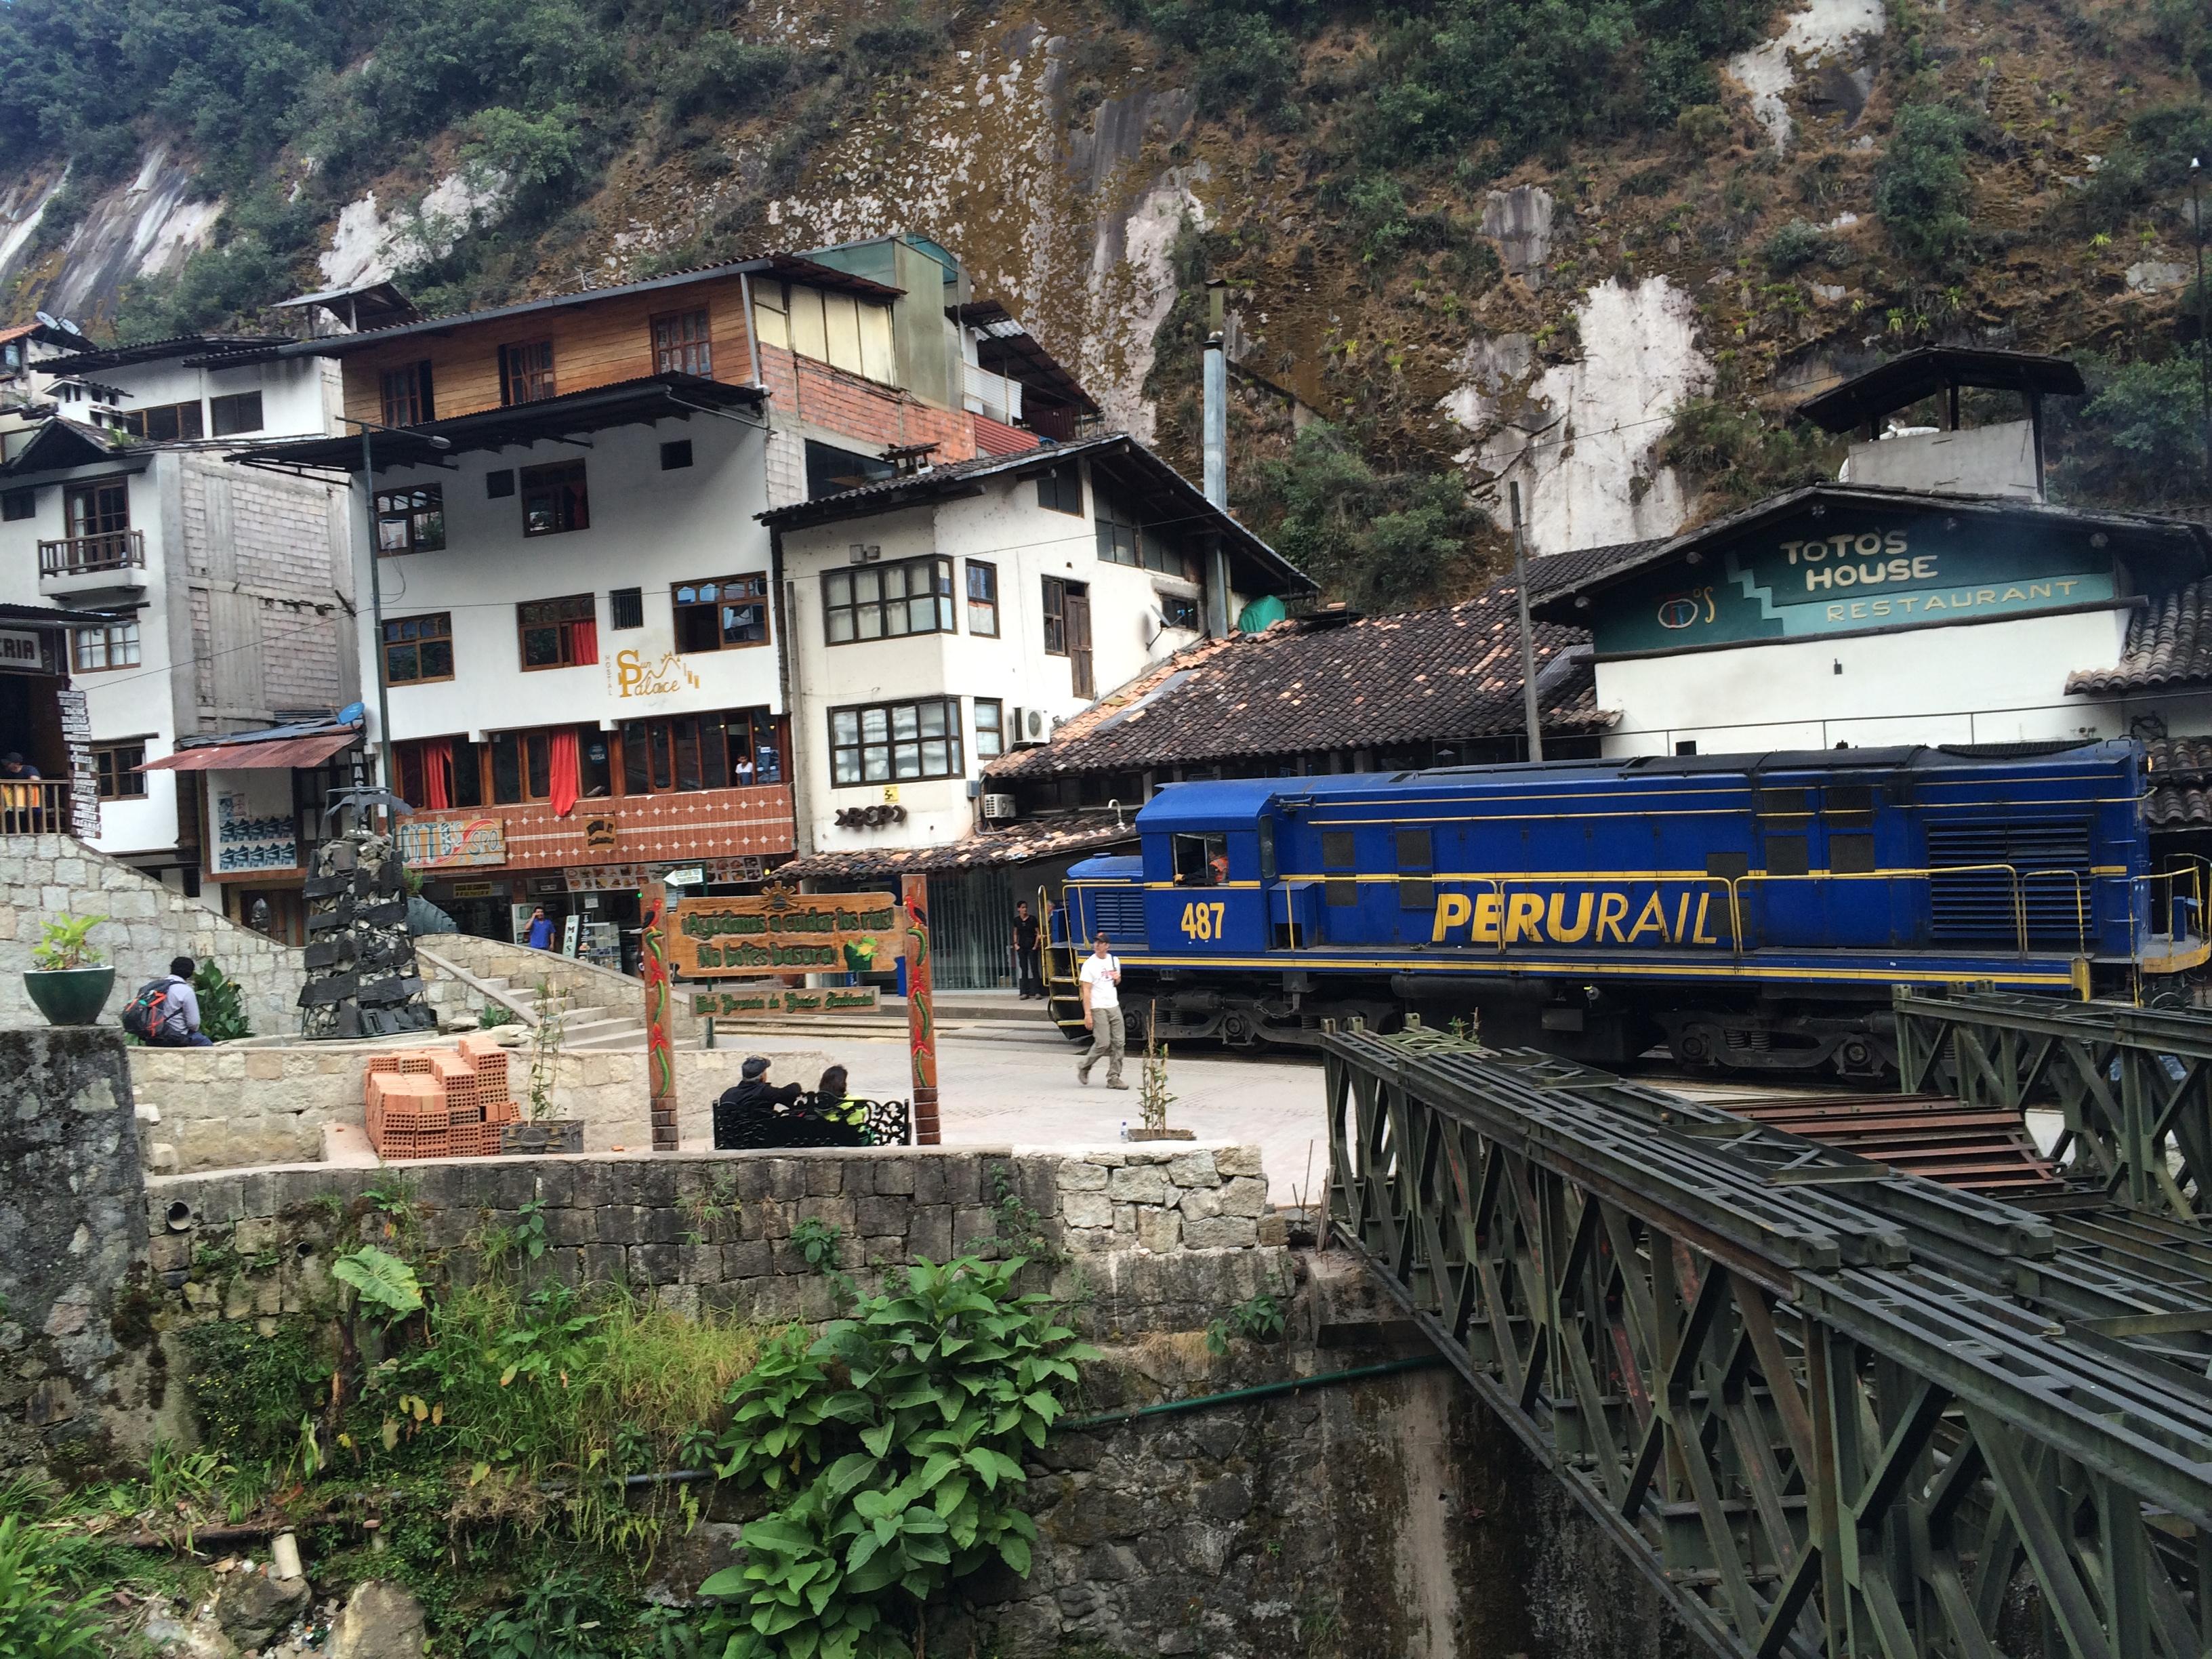 Trem Aguas Calientes Machu Picchu Peru